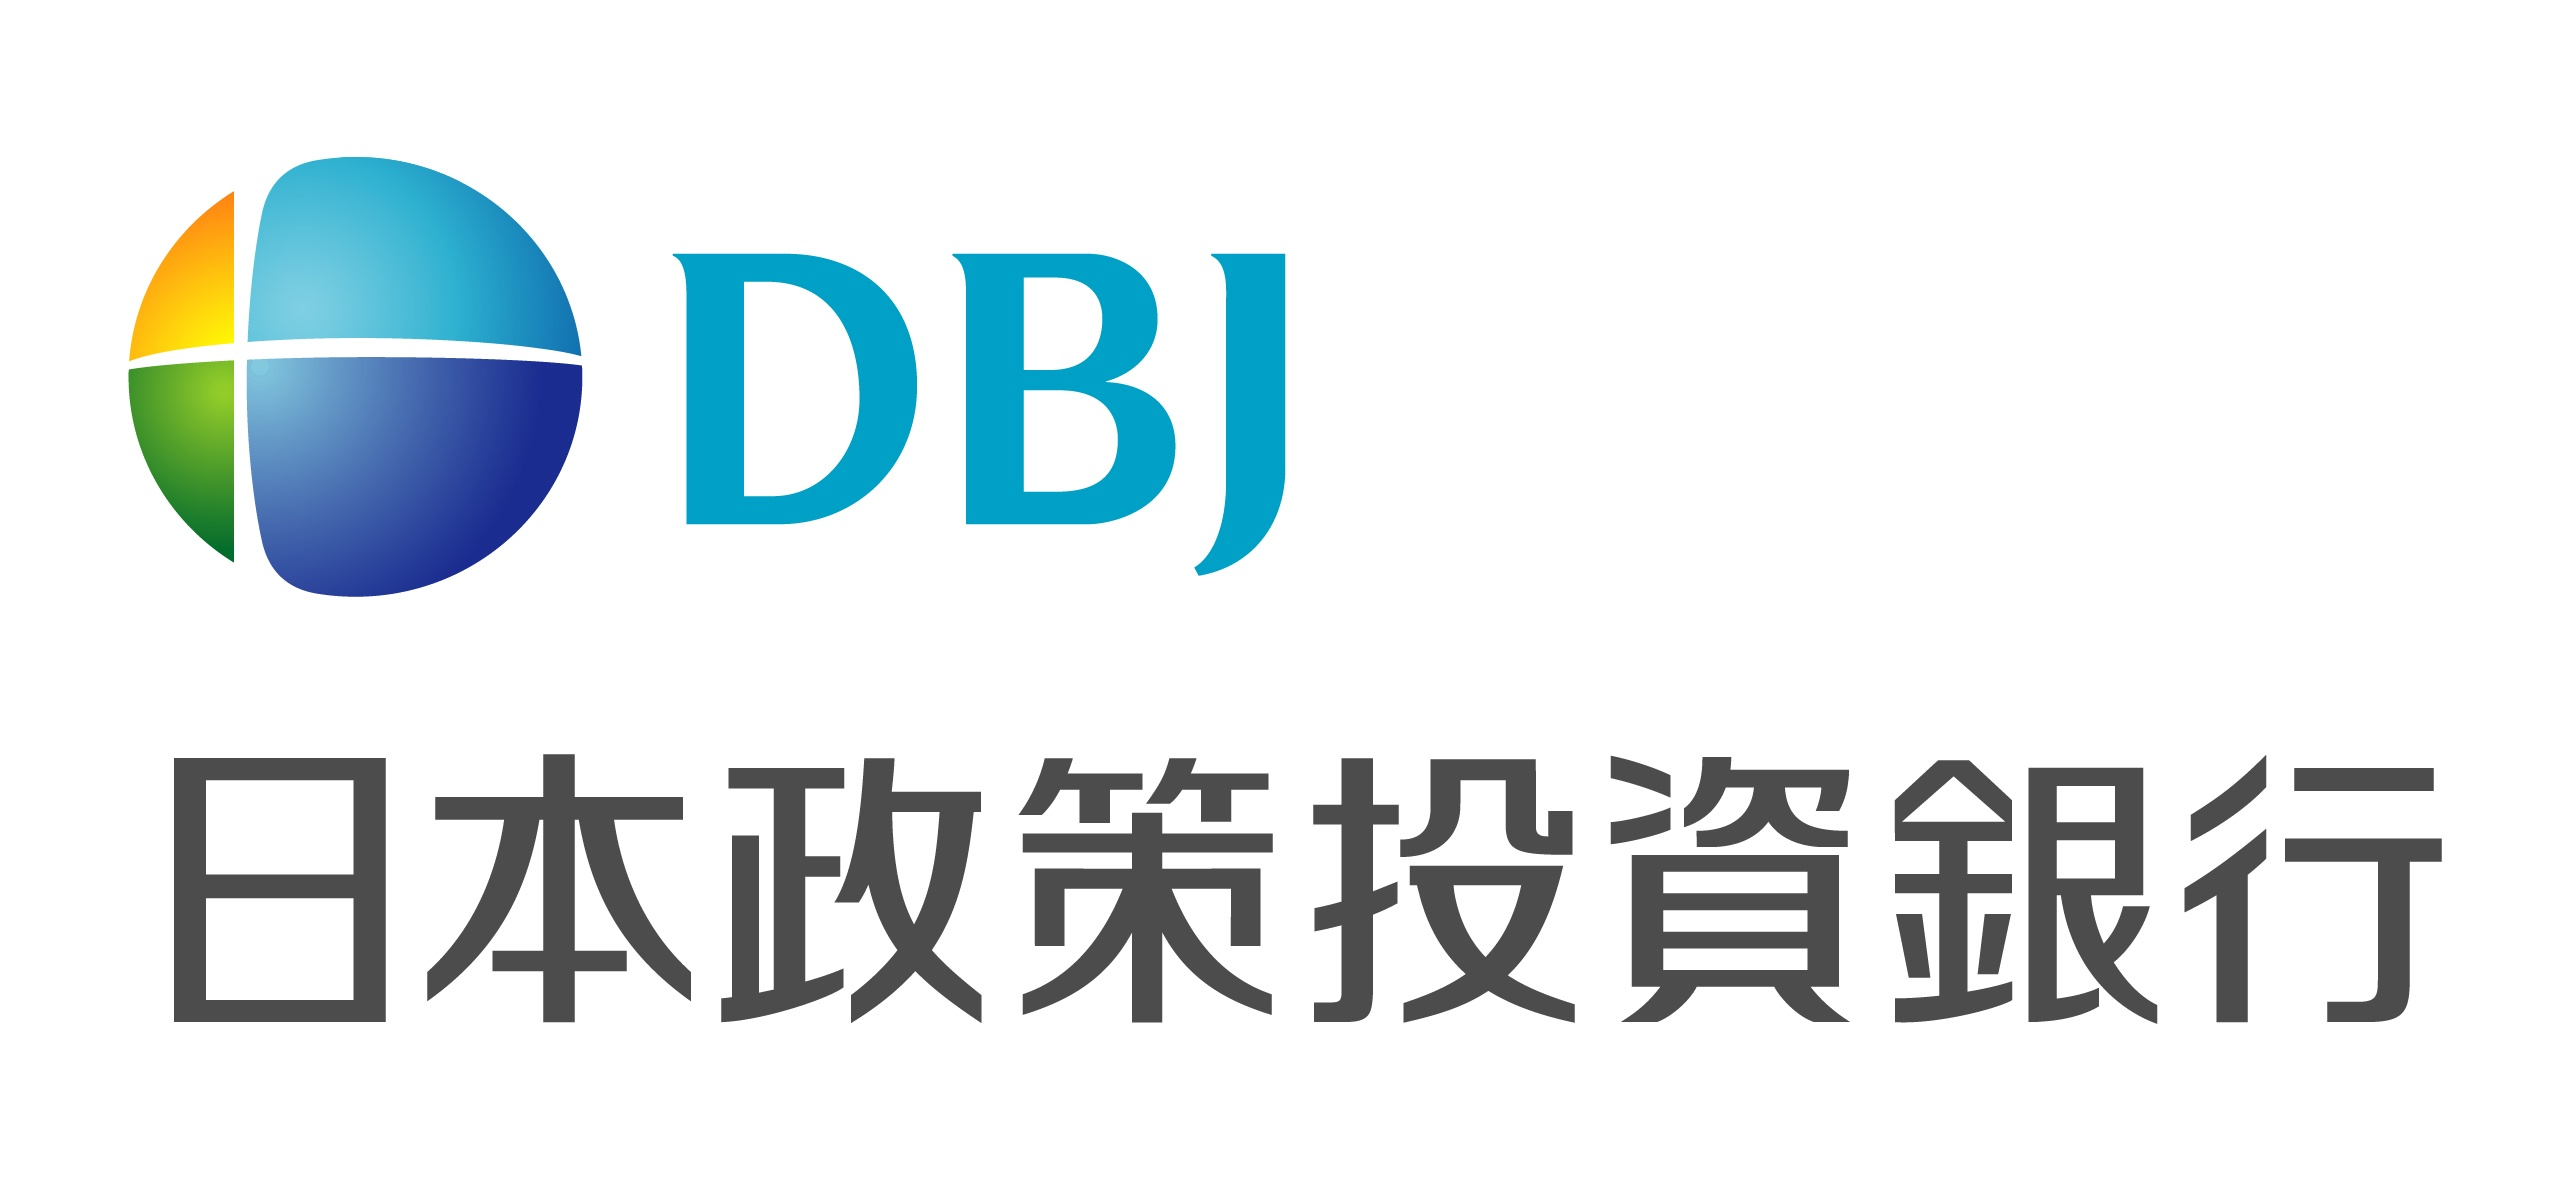 株式会社日本政策投資銀行ロゴ